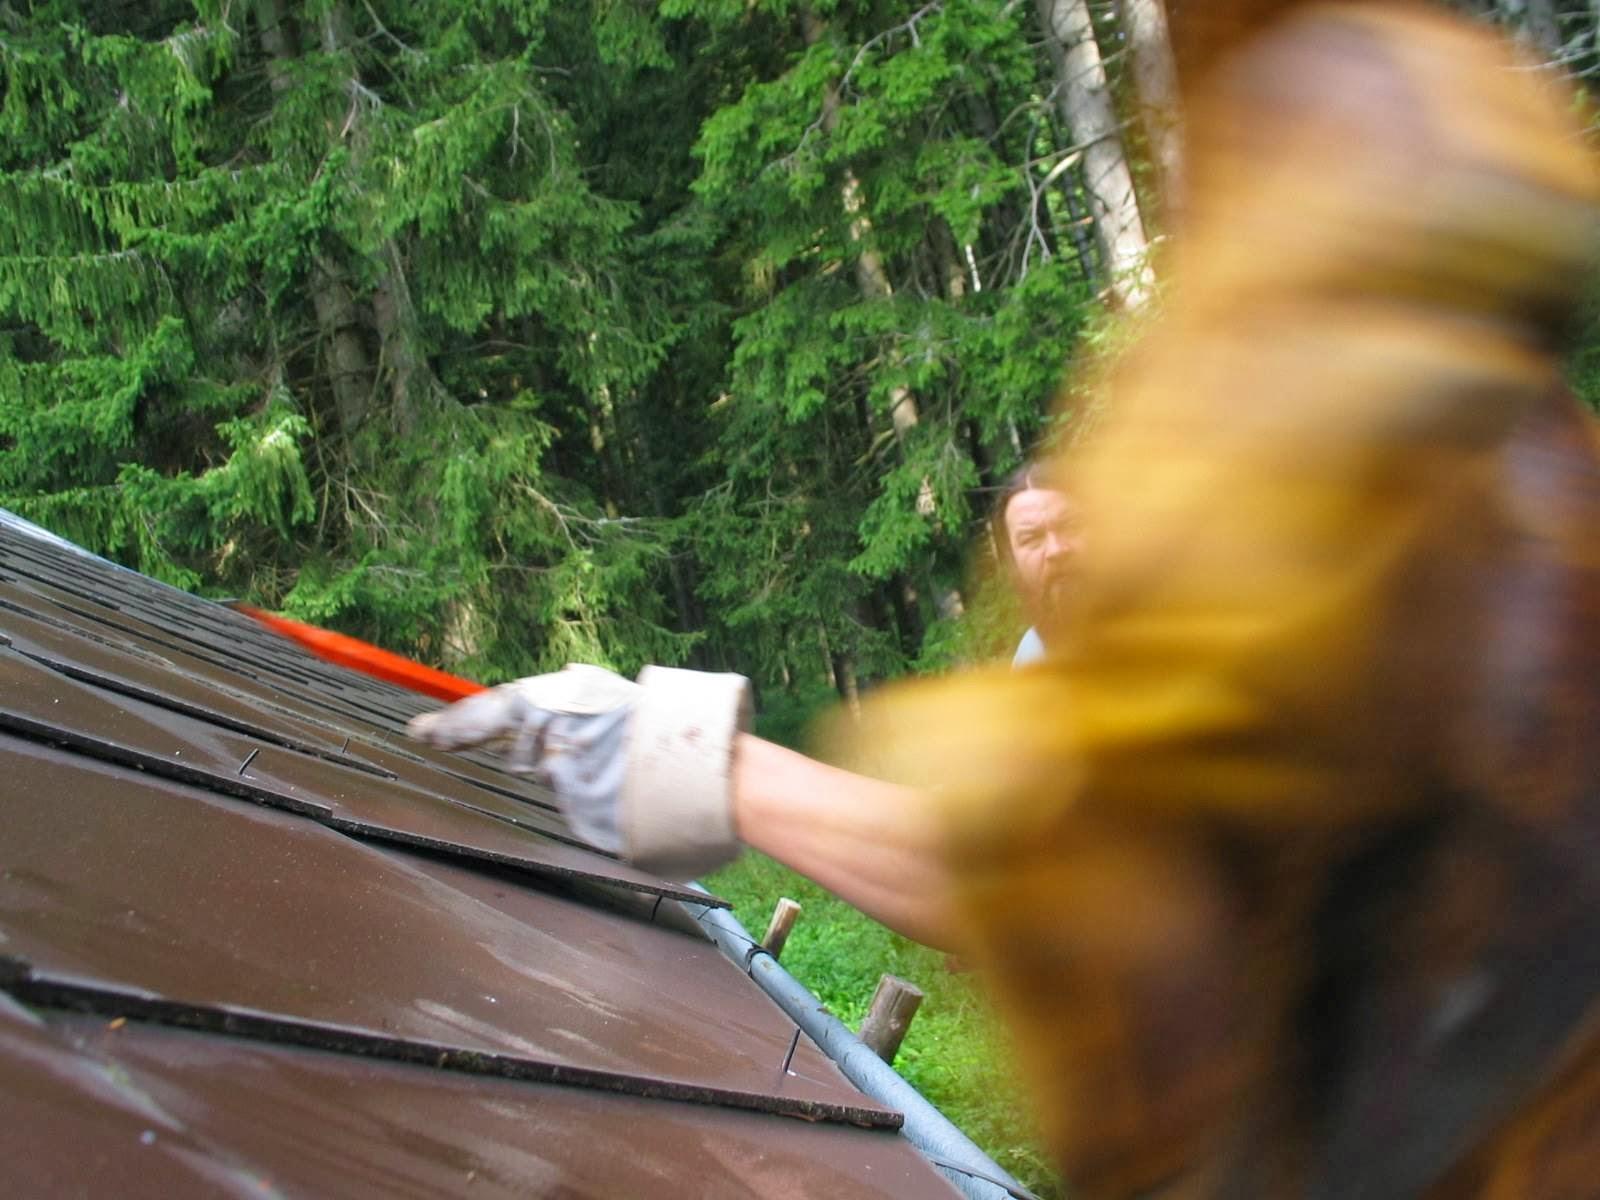 Delovna akcija - Streha, Črni dol 2006 - streha%2B021.jpg